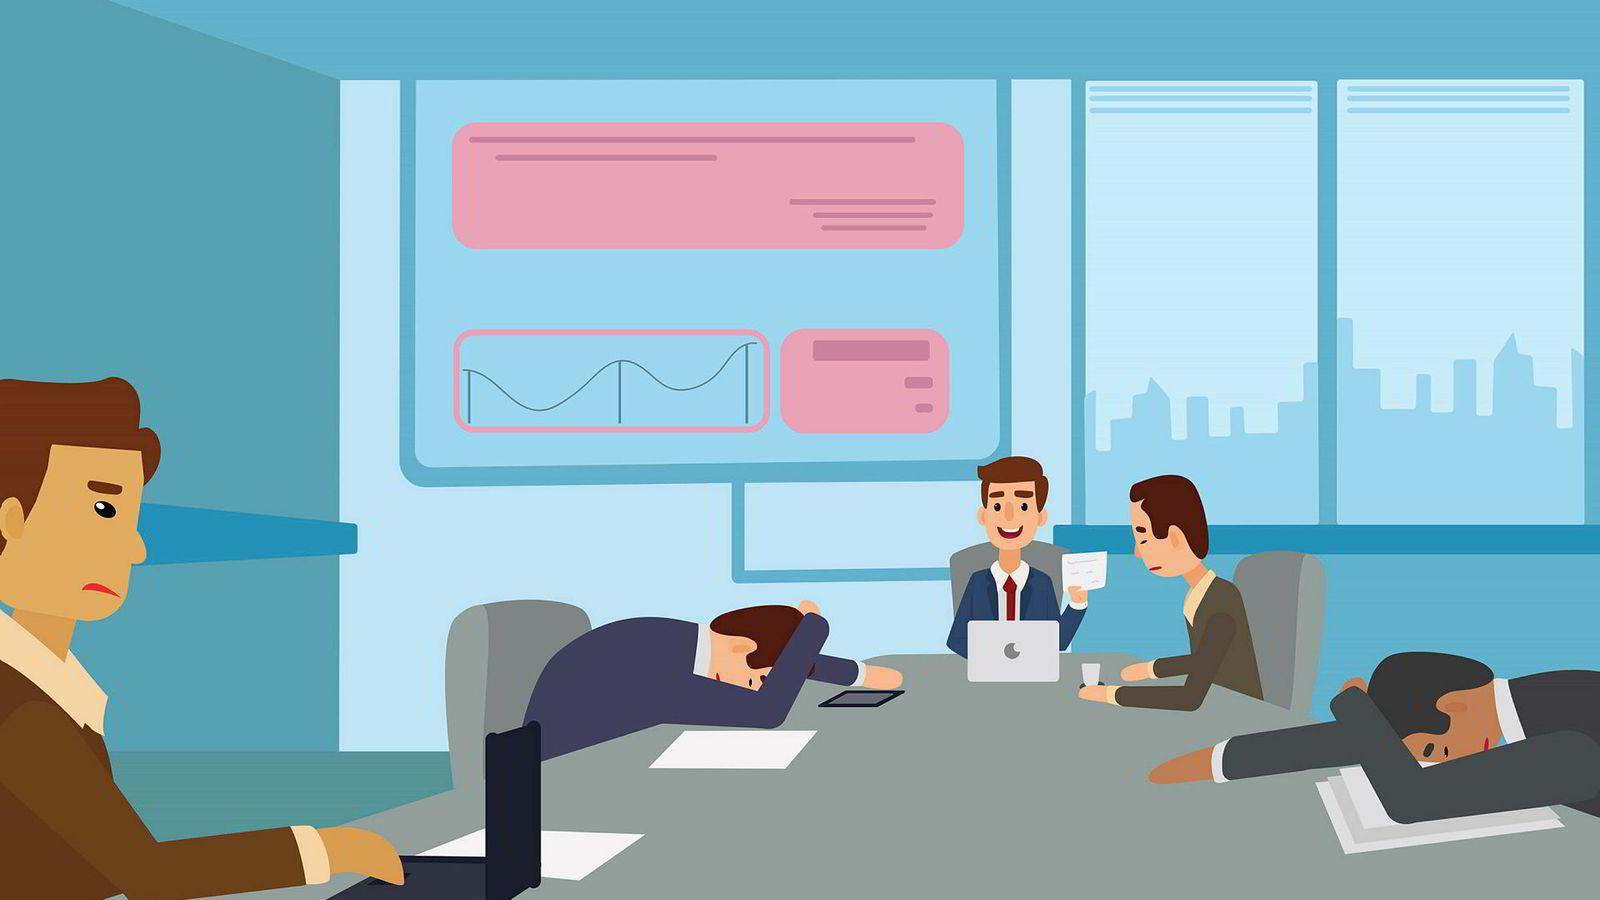 Vi har alle jobbet i selskaper med tilsynelatende endeløse interne møter, lange tråder med epost og mange uklare mål, skriver artikkelforfatteren.